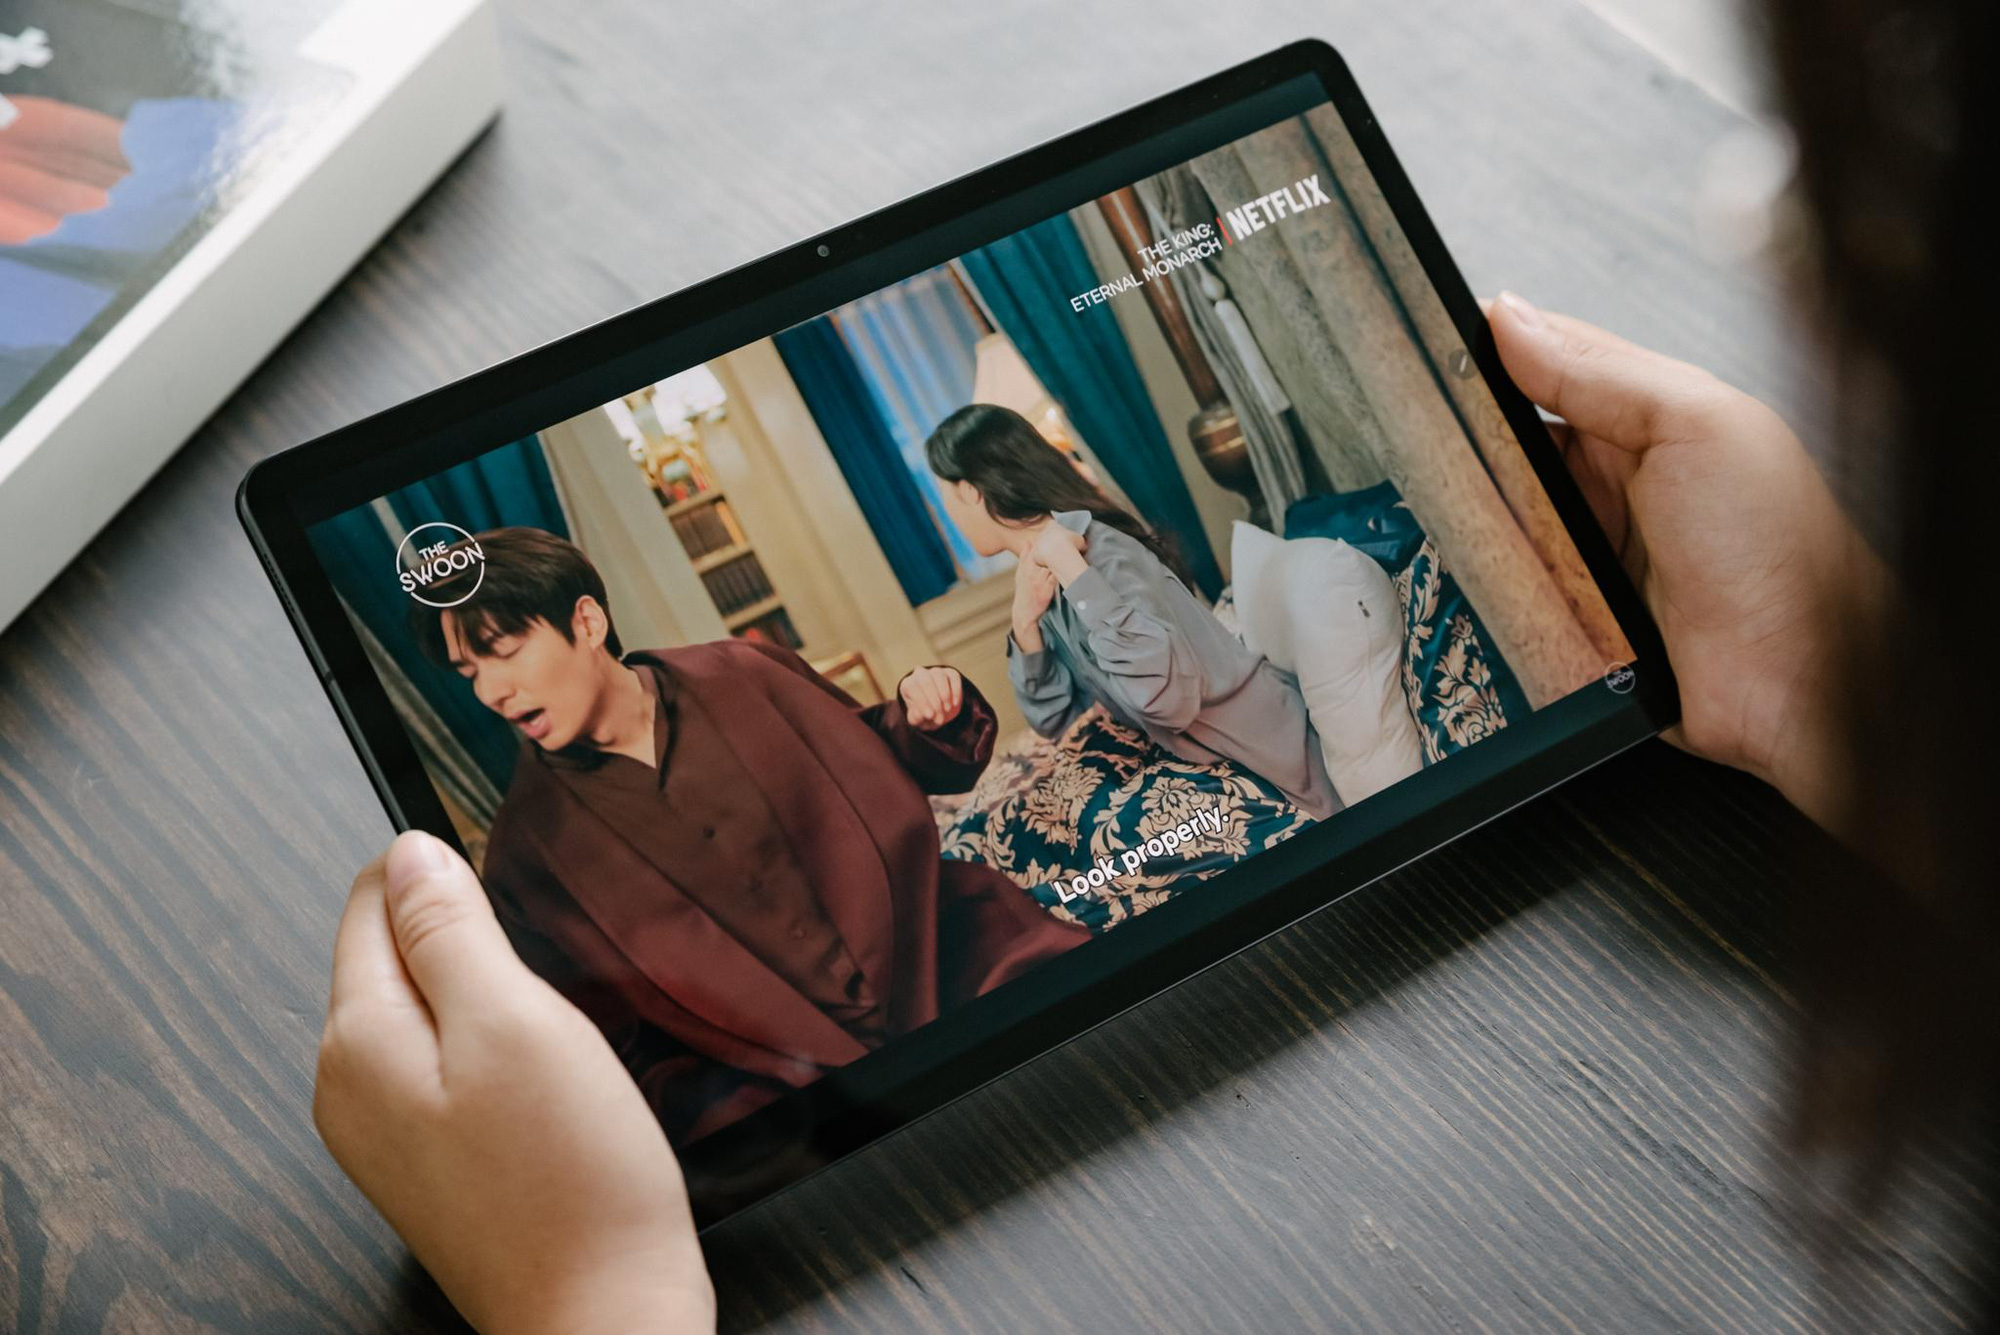 Tận hưởng phong cách làm việc như triệu phú cùng Galaxy Tab S7/S7+ - Ảnh 7.